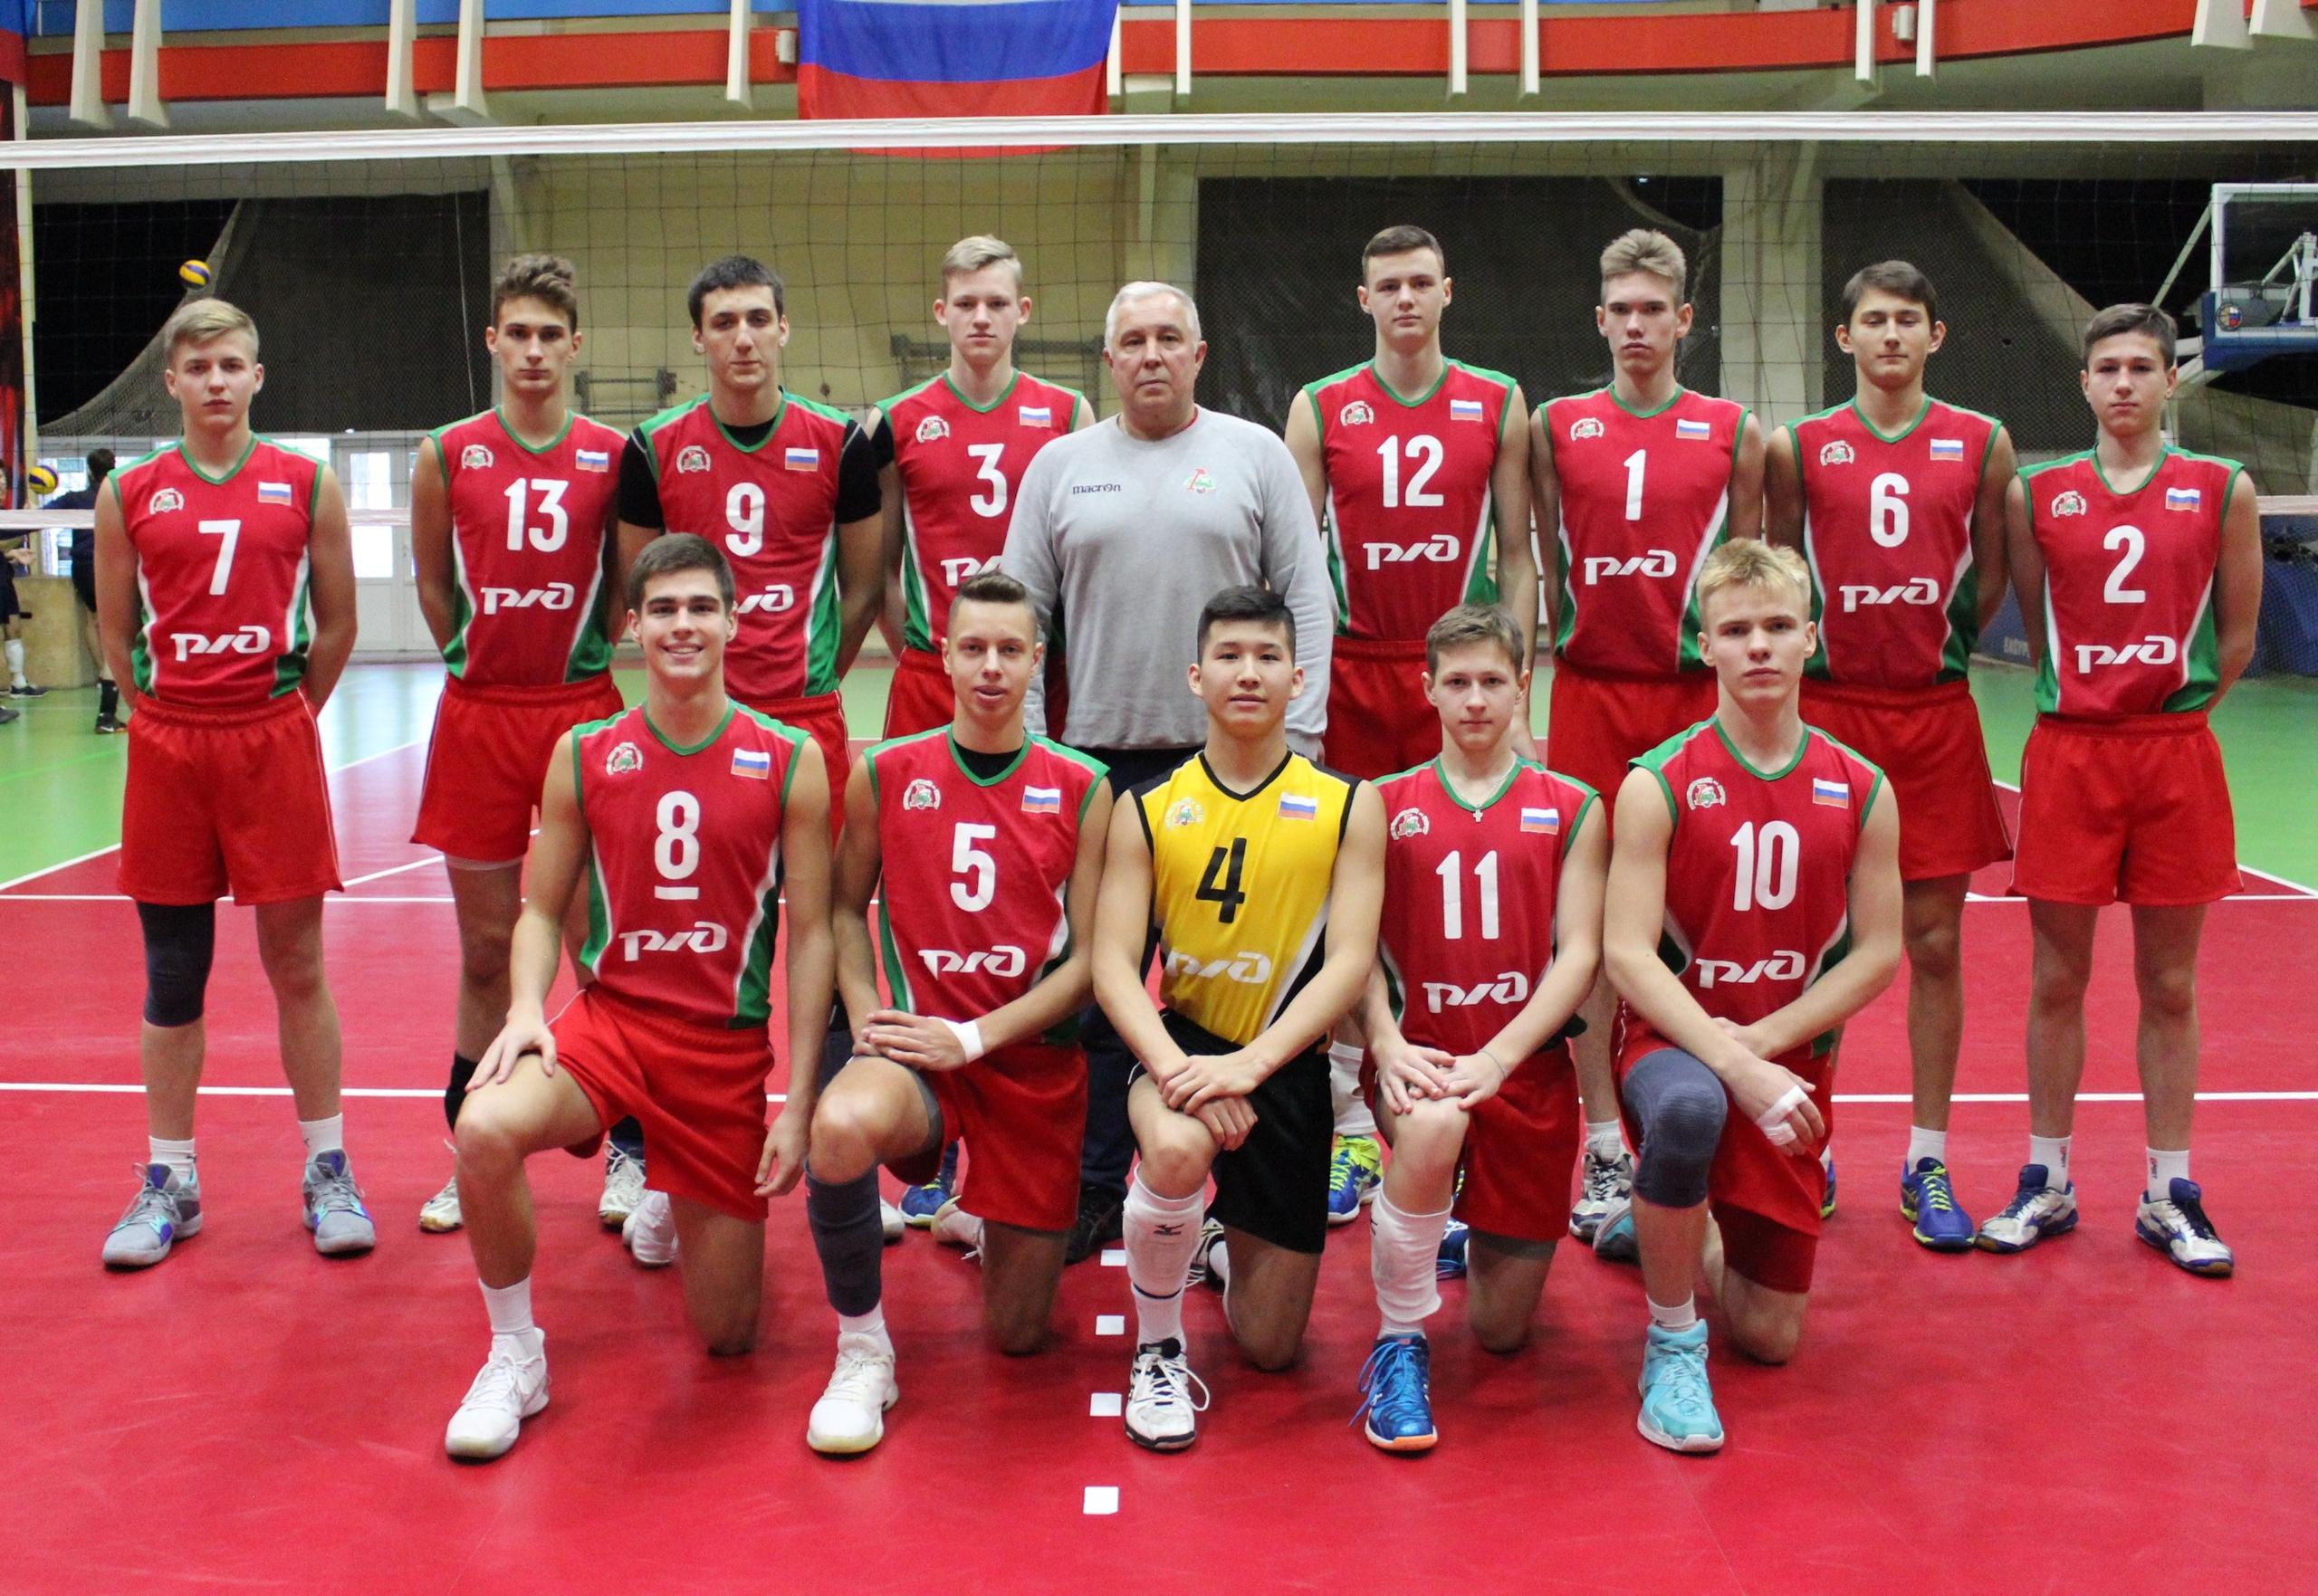 зональные соревнования Первенства России по волейболу, среди юношей 2002-2003 г.р.